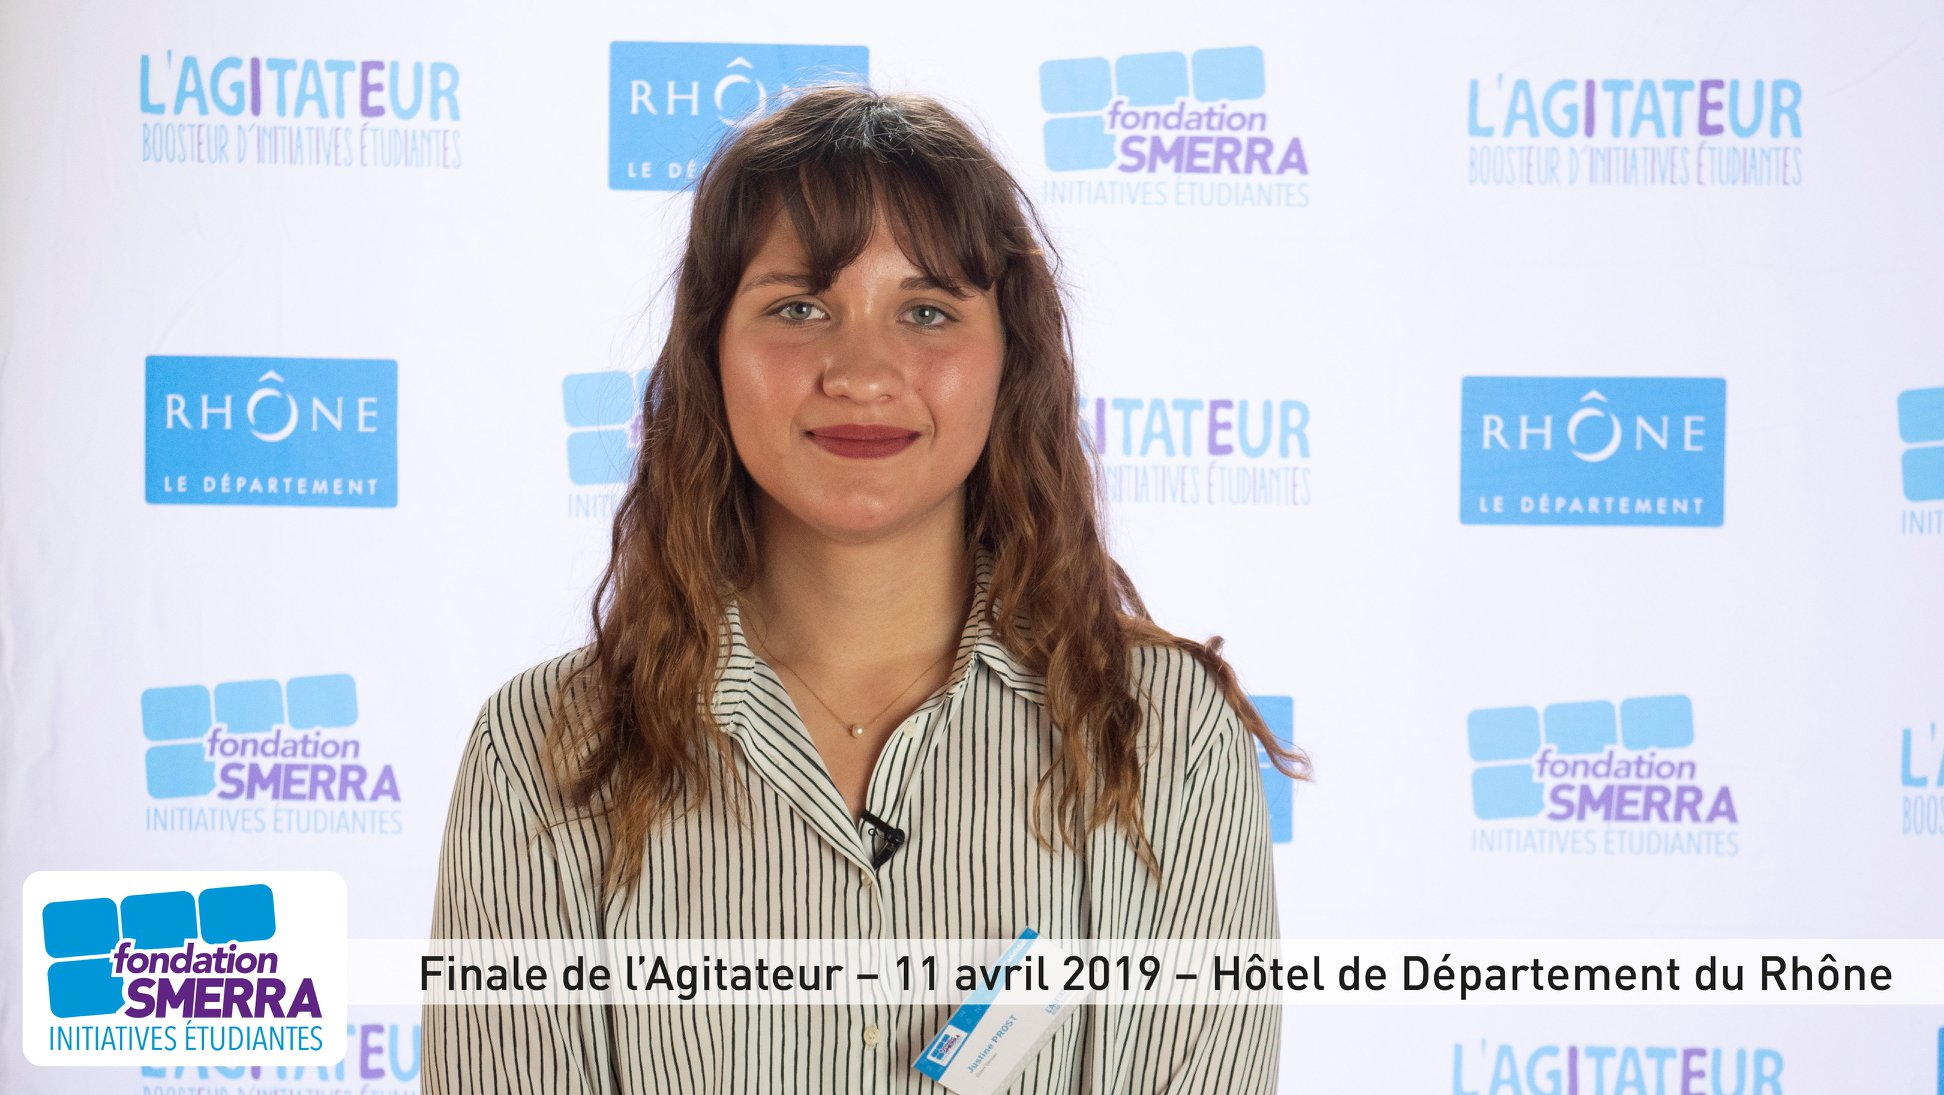 Justine Prost, concours L'Agitateur - Fondation SMERRA